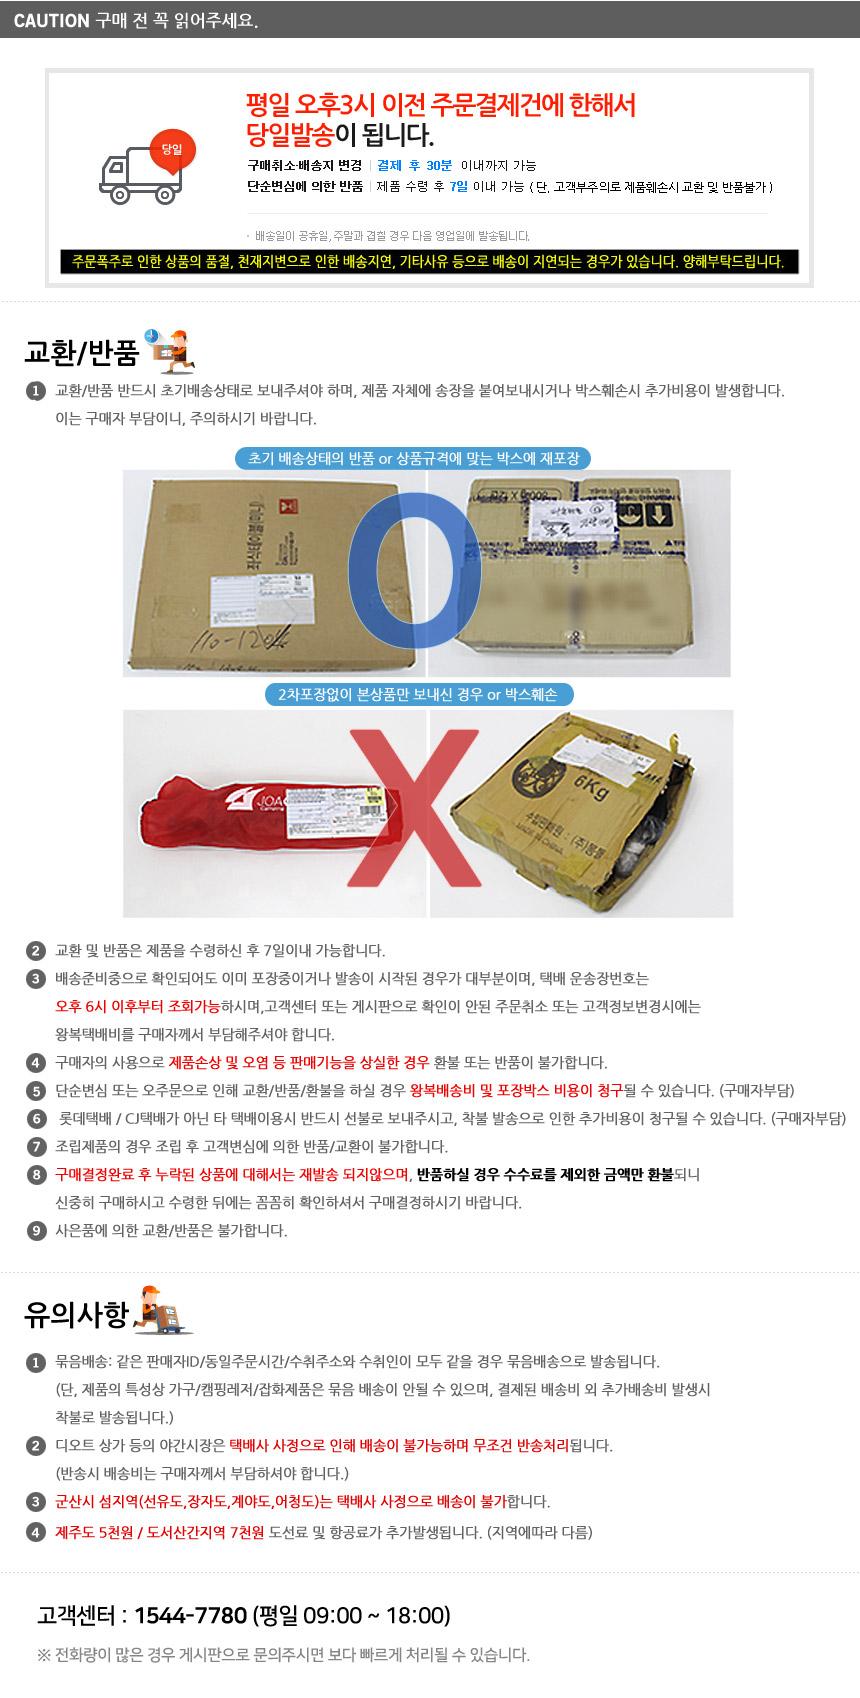 조아캠프 자충식에어베개 - 조아캠프, 7,900원, 매트/돗자리, 에어매트/베개